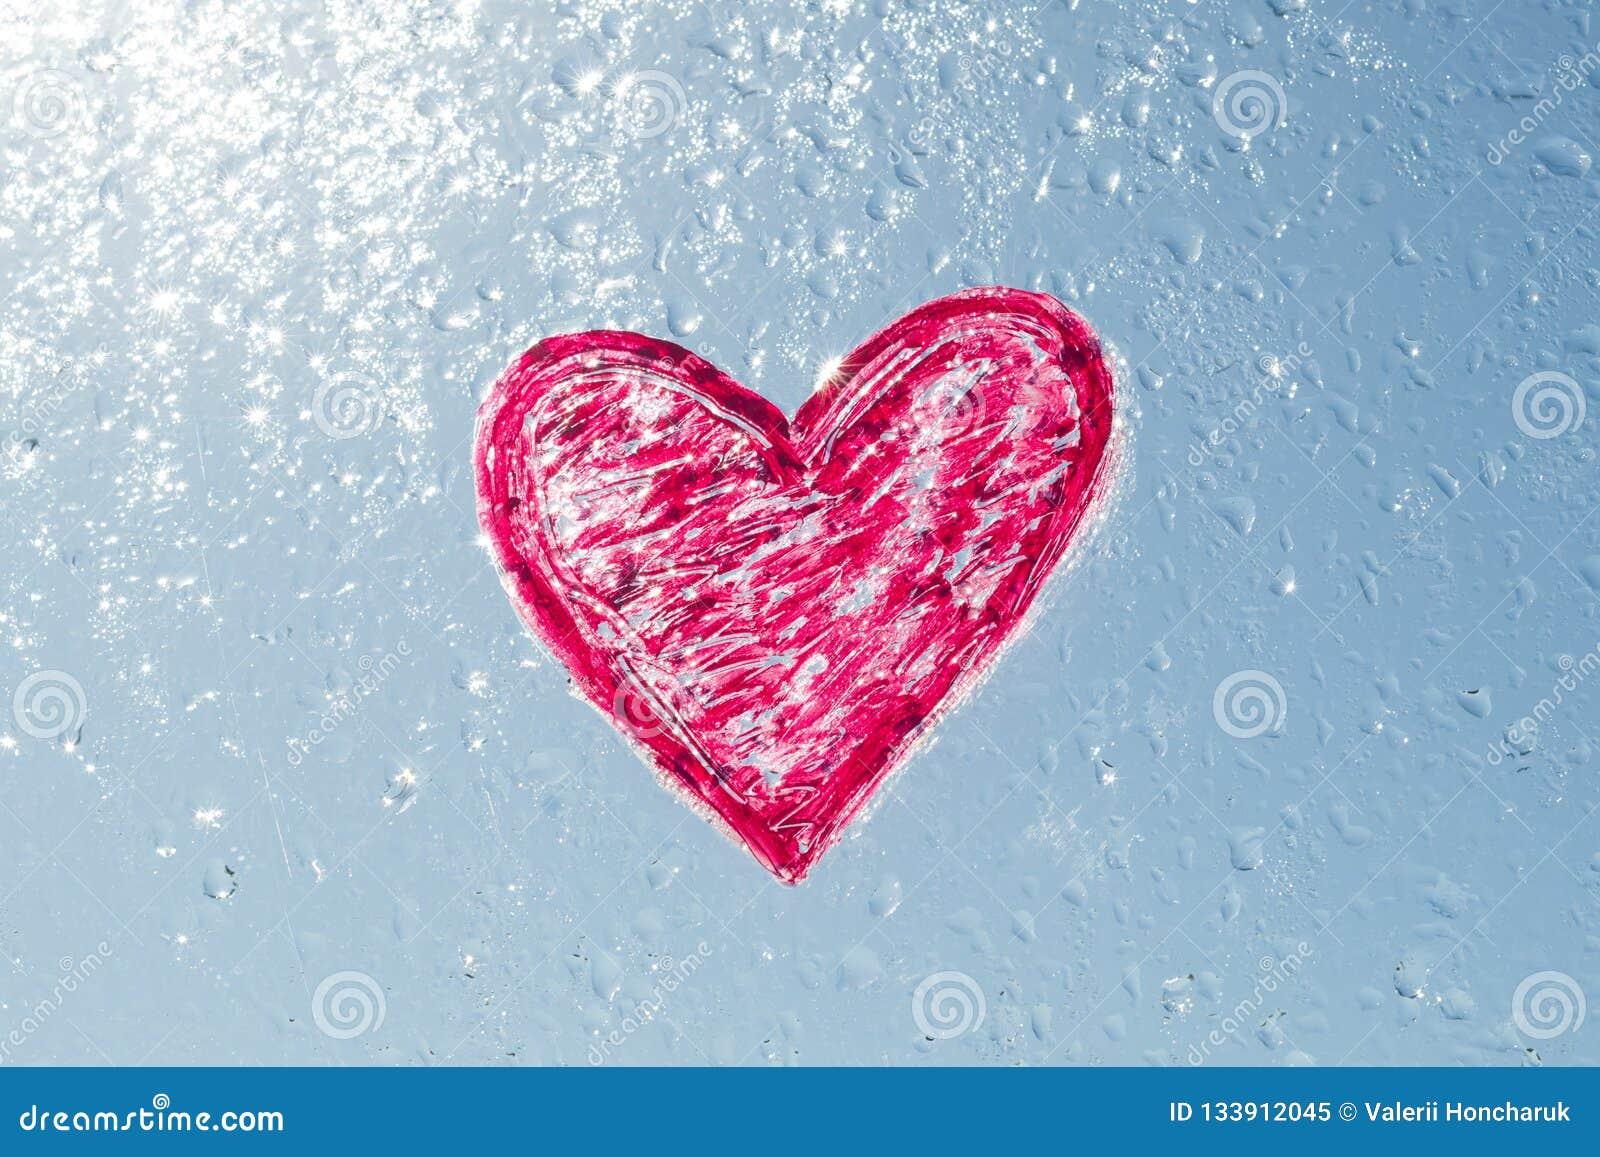 O coração vermelho pintado com batom na janela com água deixa cair O céu ensolarado azul do fundo, gotas brilha no sol